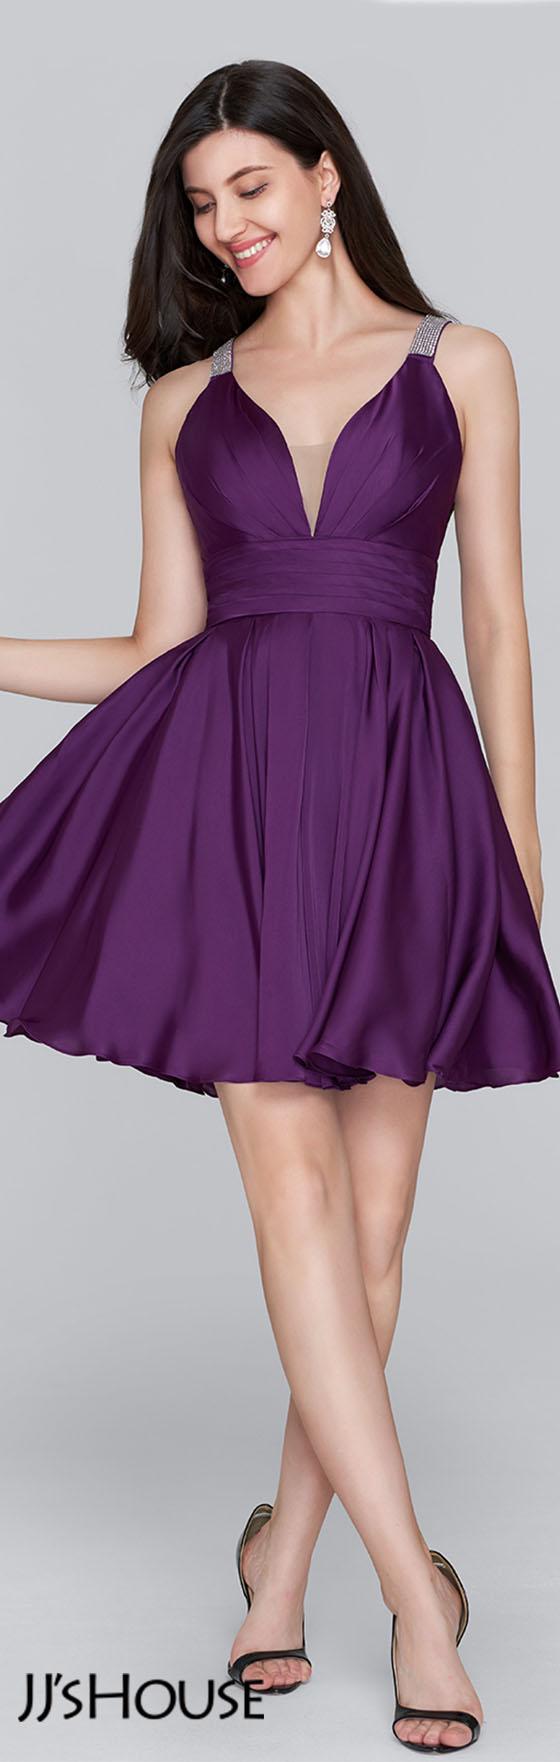 JJsHouse #Homecoming dresses | JJsHouse Homecoming Dresses ...